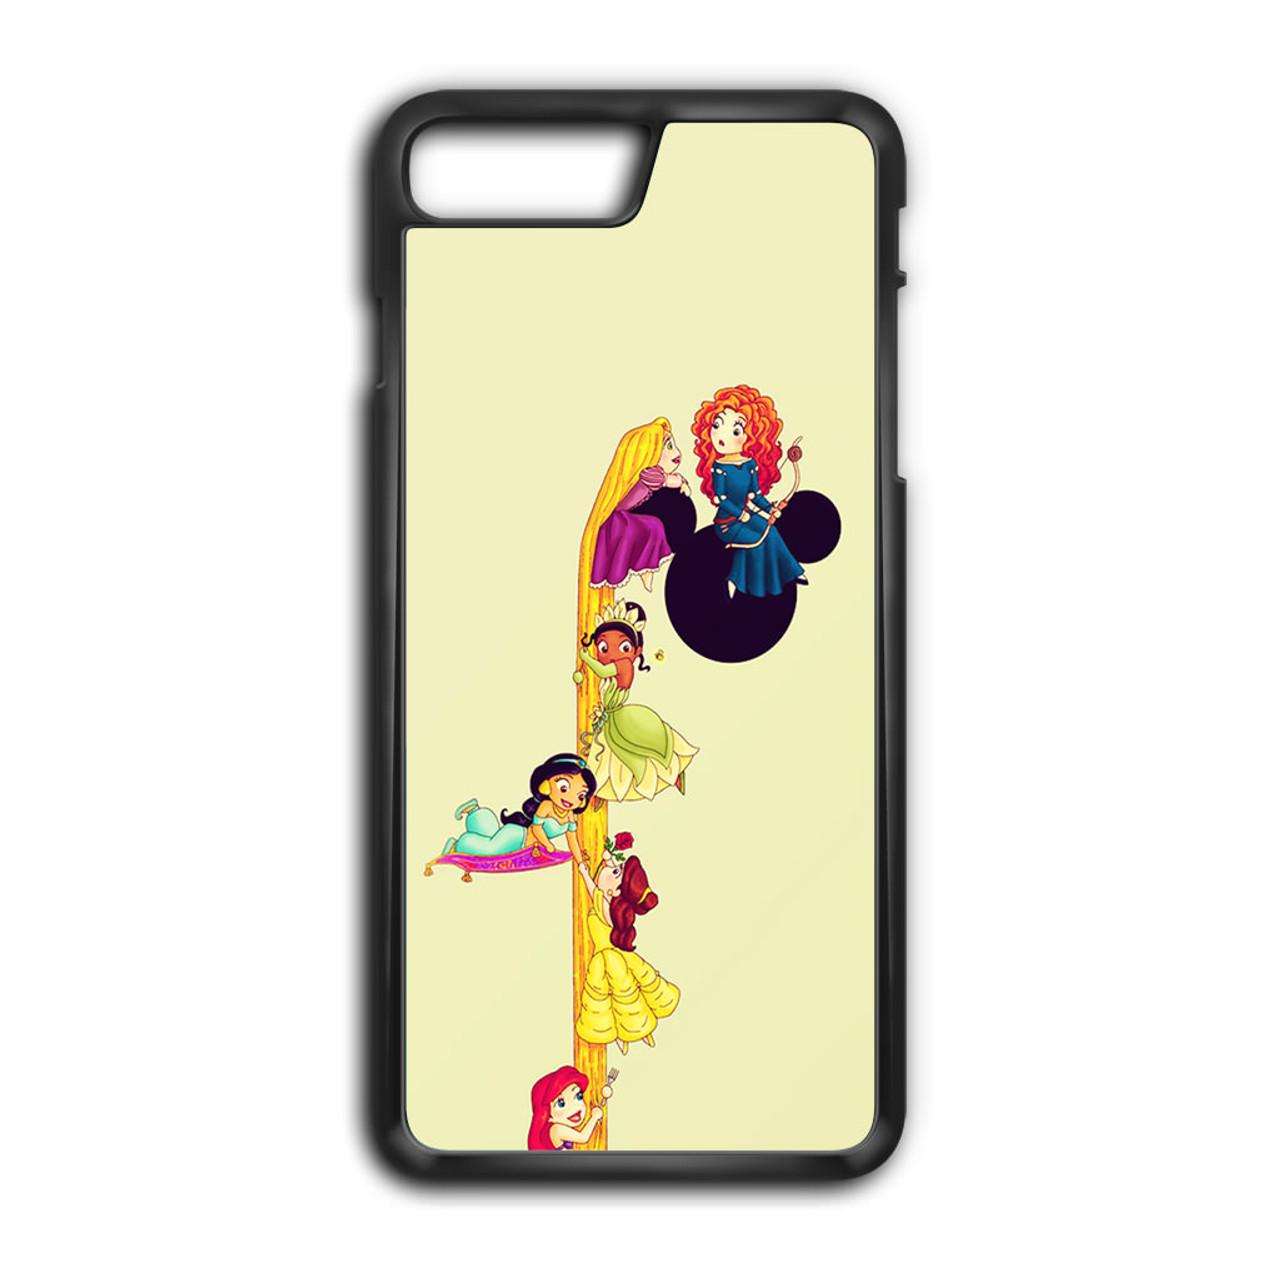 8 plus iphone cases disney